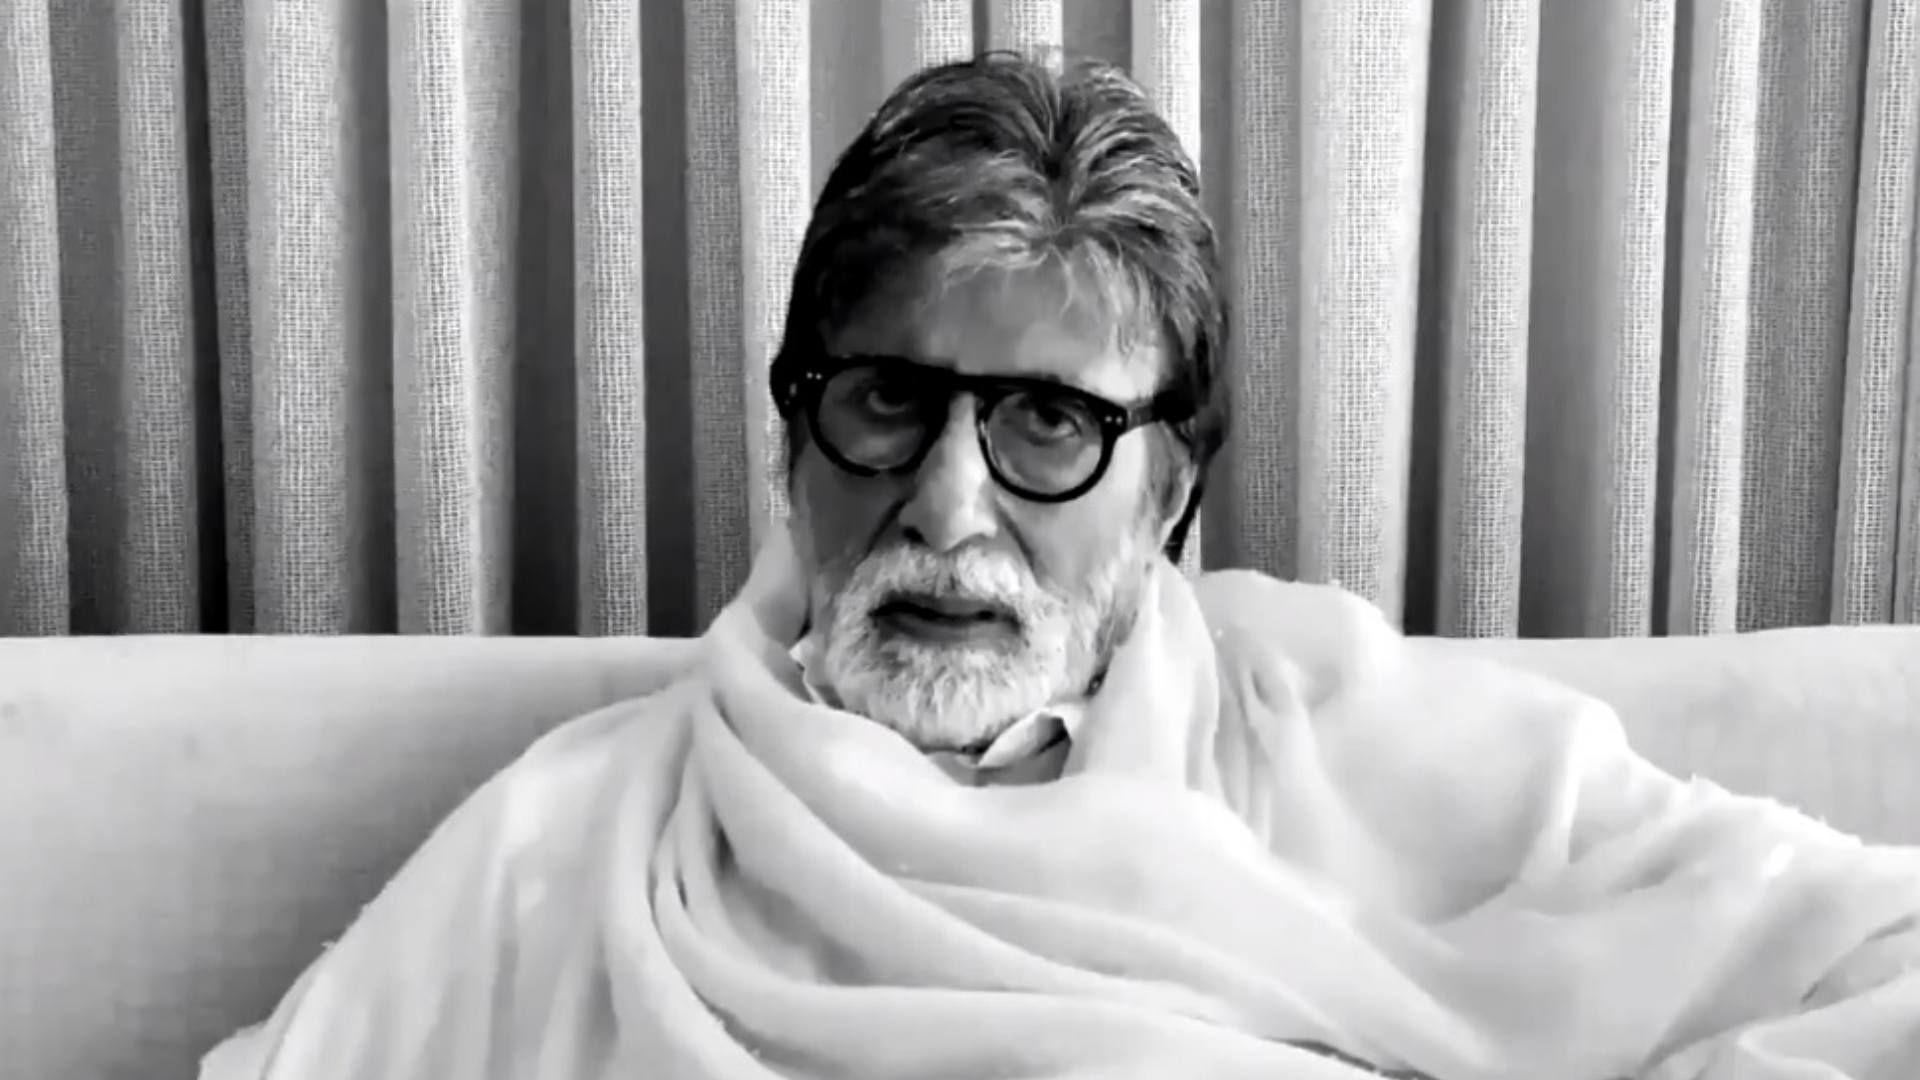 Mumbai: Amitabh Bachchan Donates 20,000 PPE Kits and Food Packets